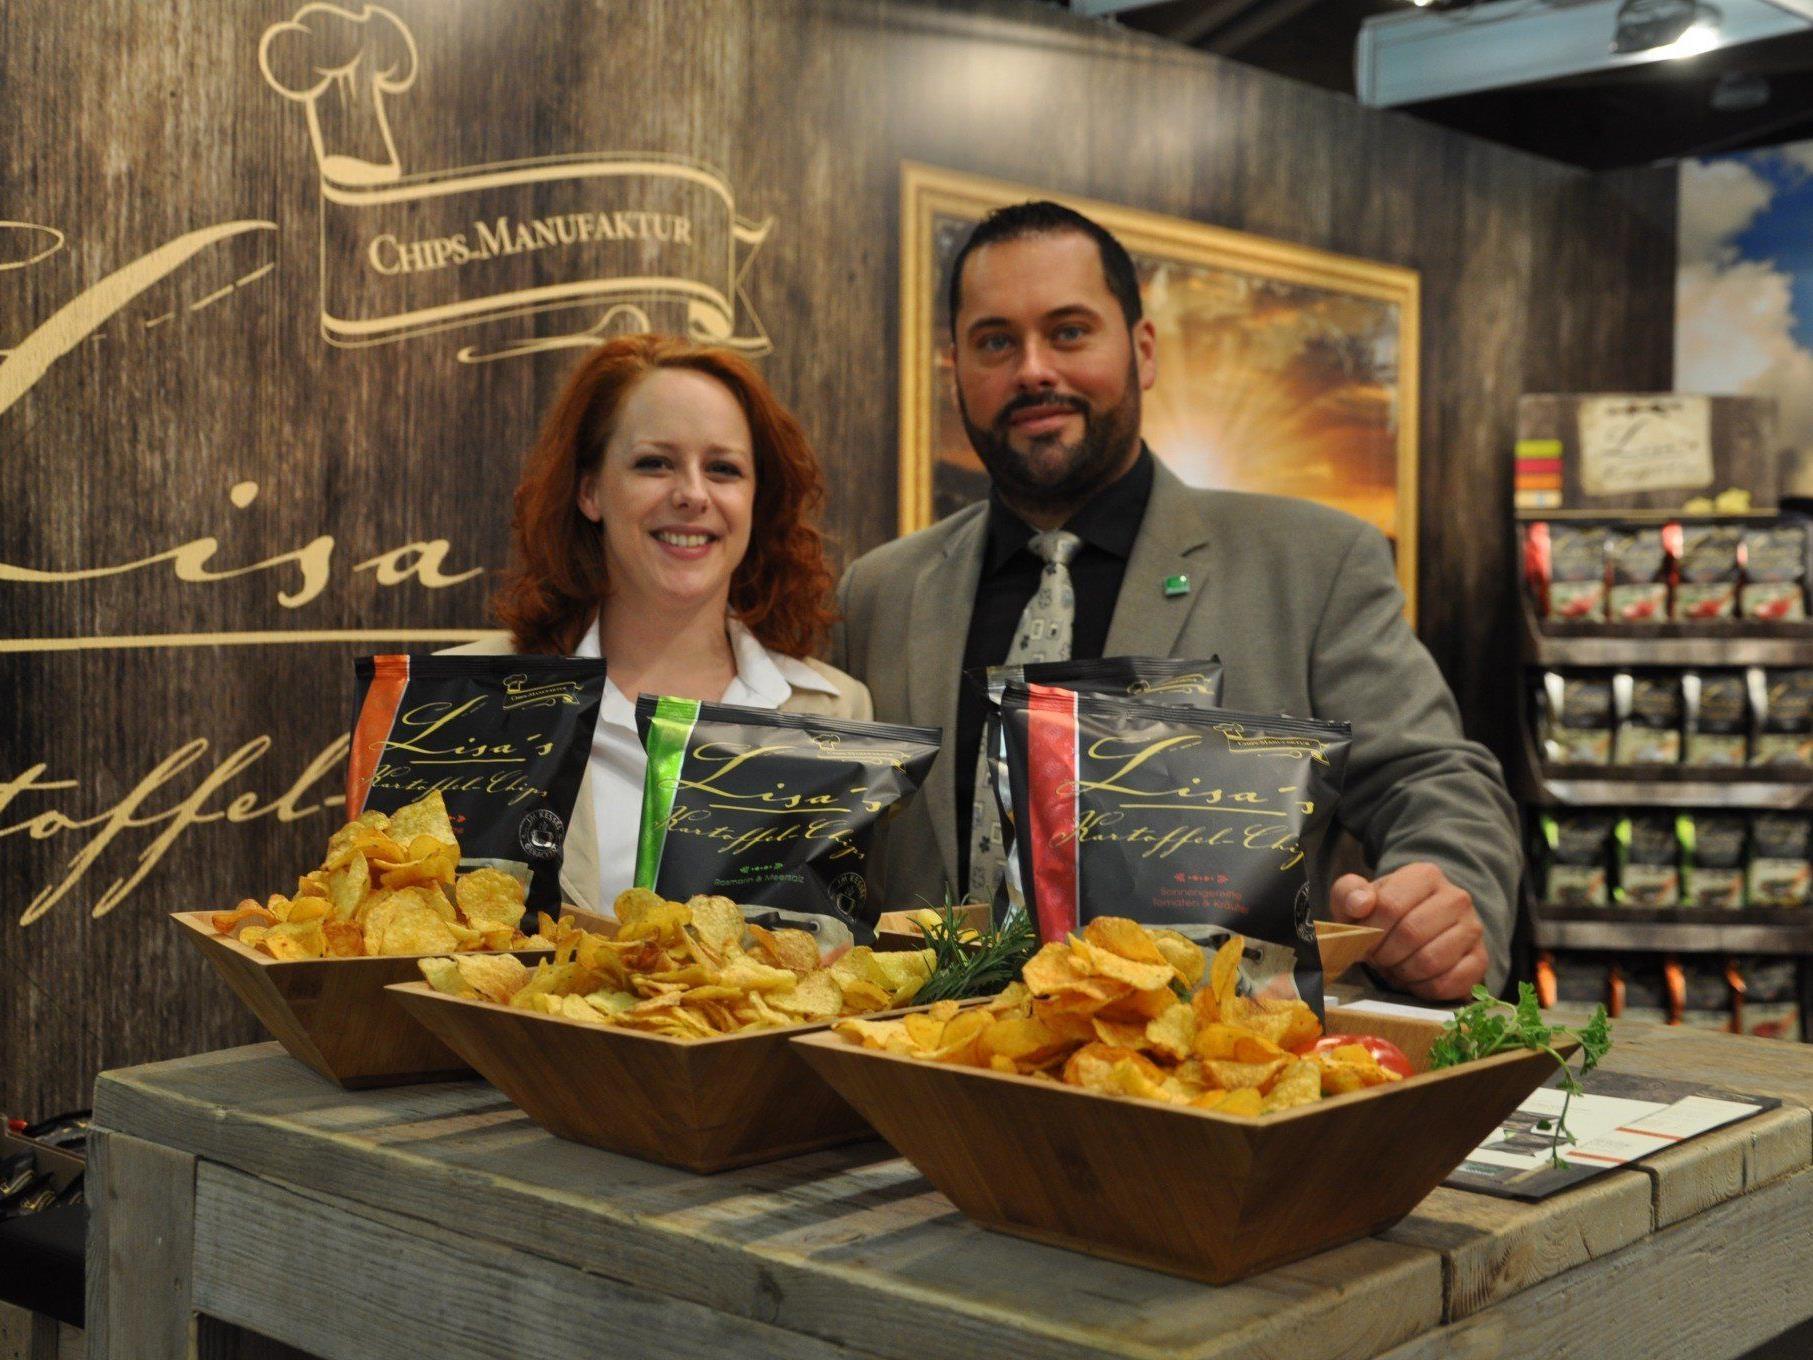 Brigitte Anders und Slavisa Grujic präsentieren Chips mit Transparenz.